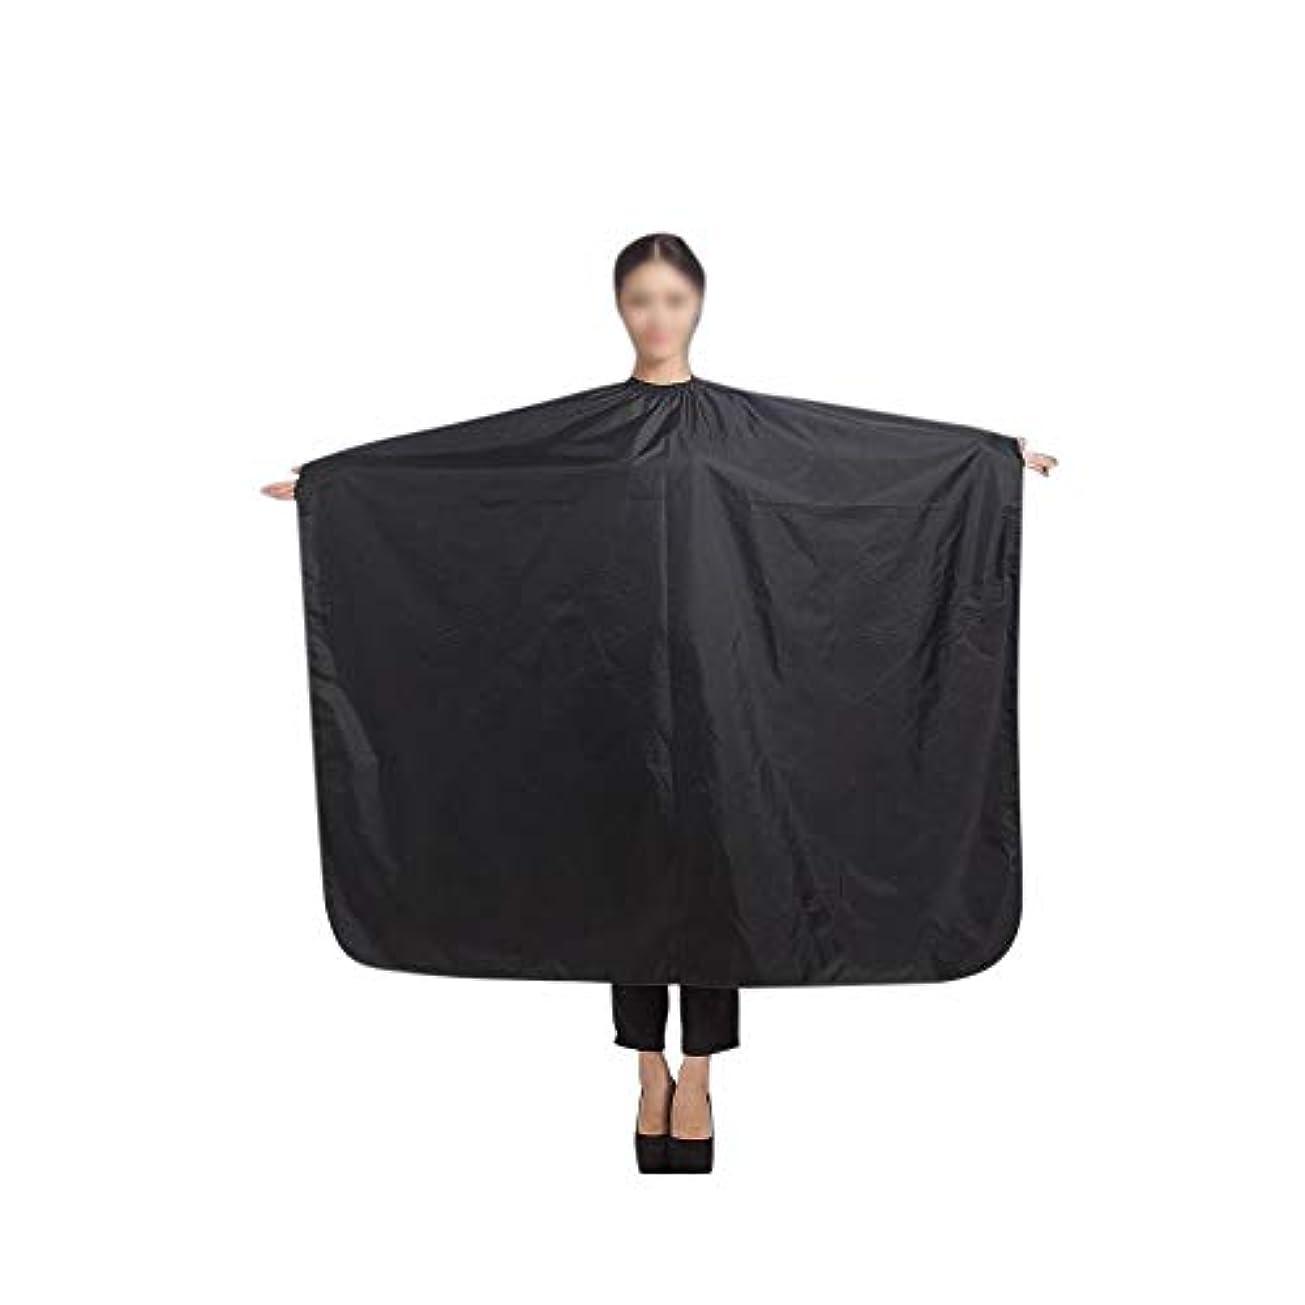 カニ韓国宇宙Lucy Day ケープサロンガウン布をスタイリングするプロ散髪エプロン防水布